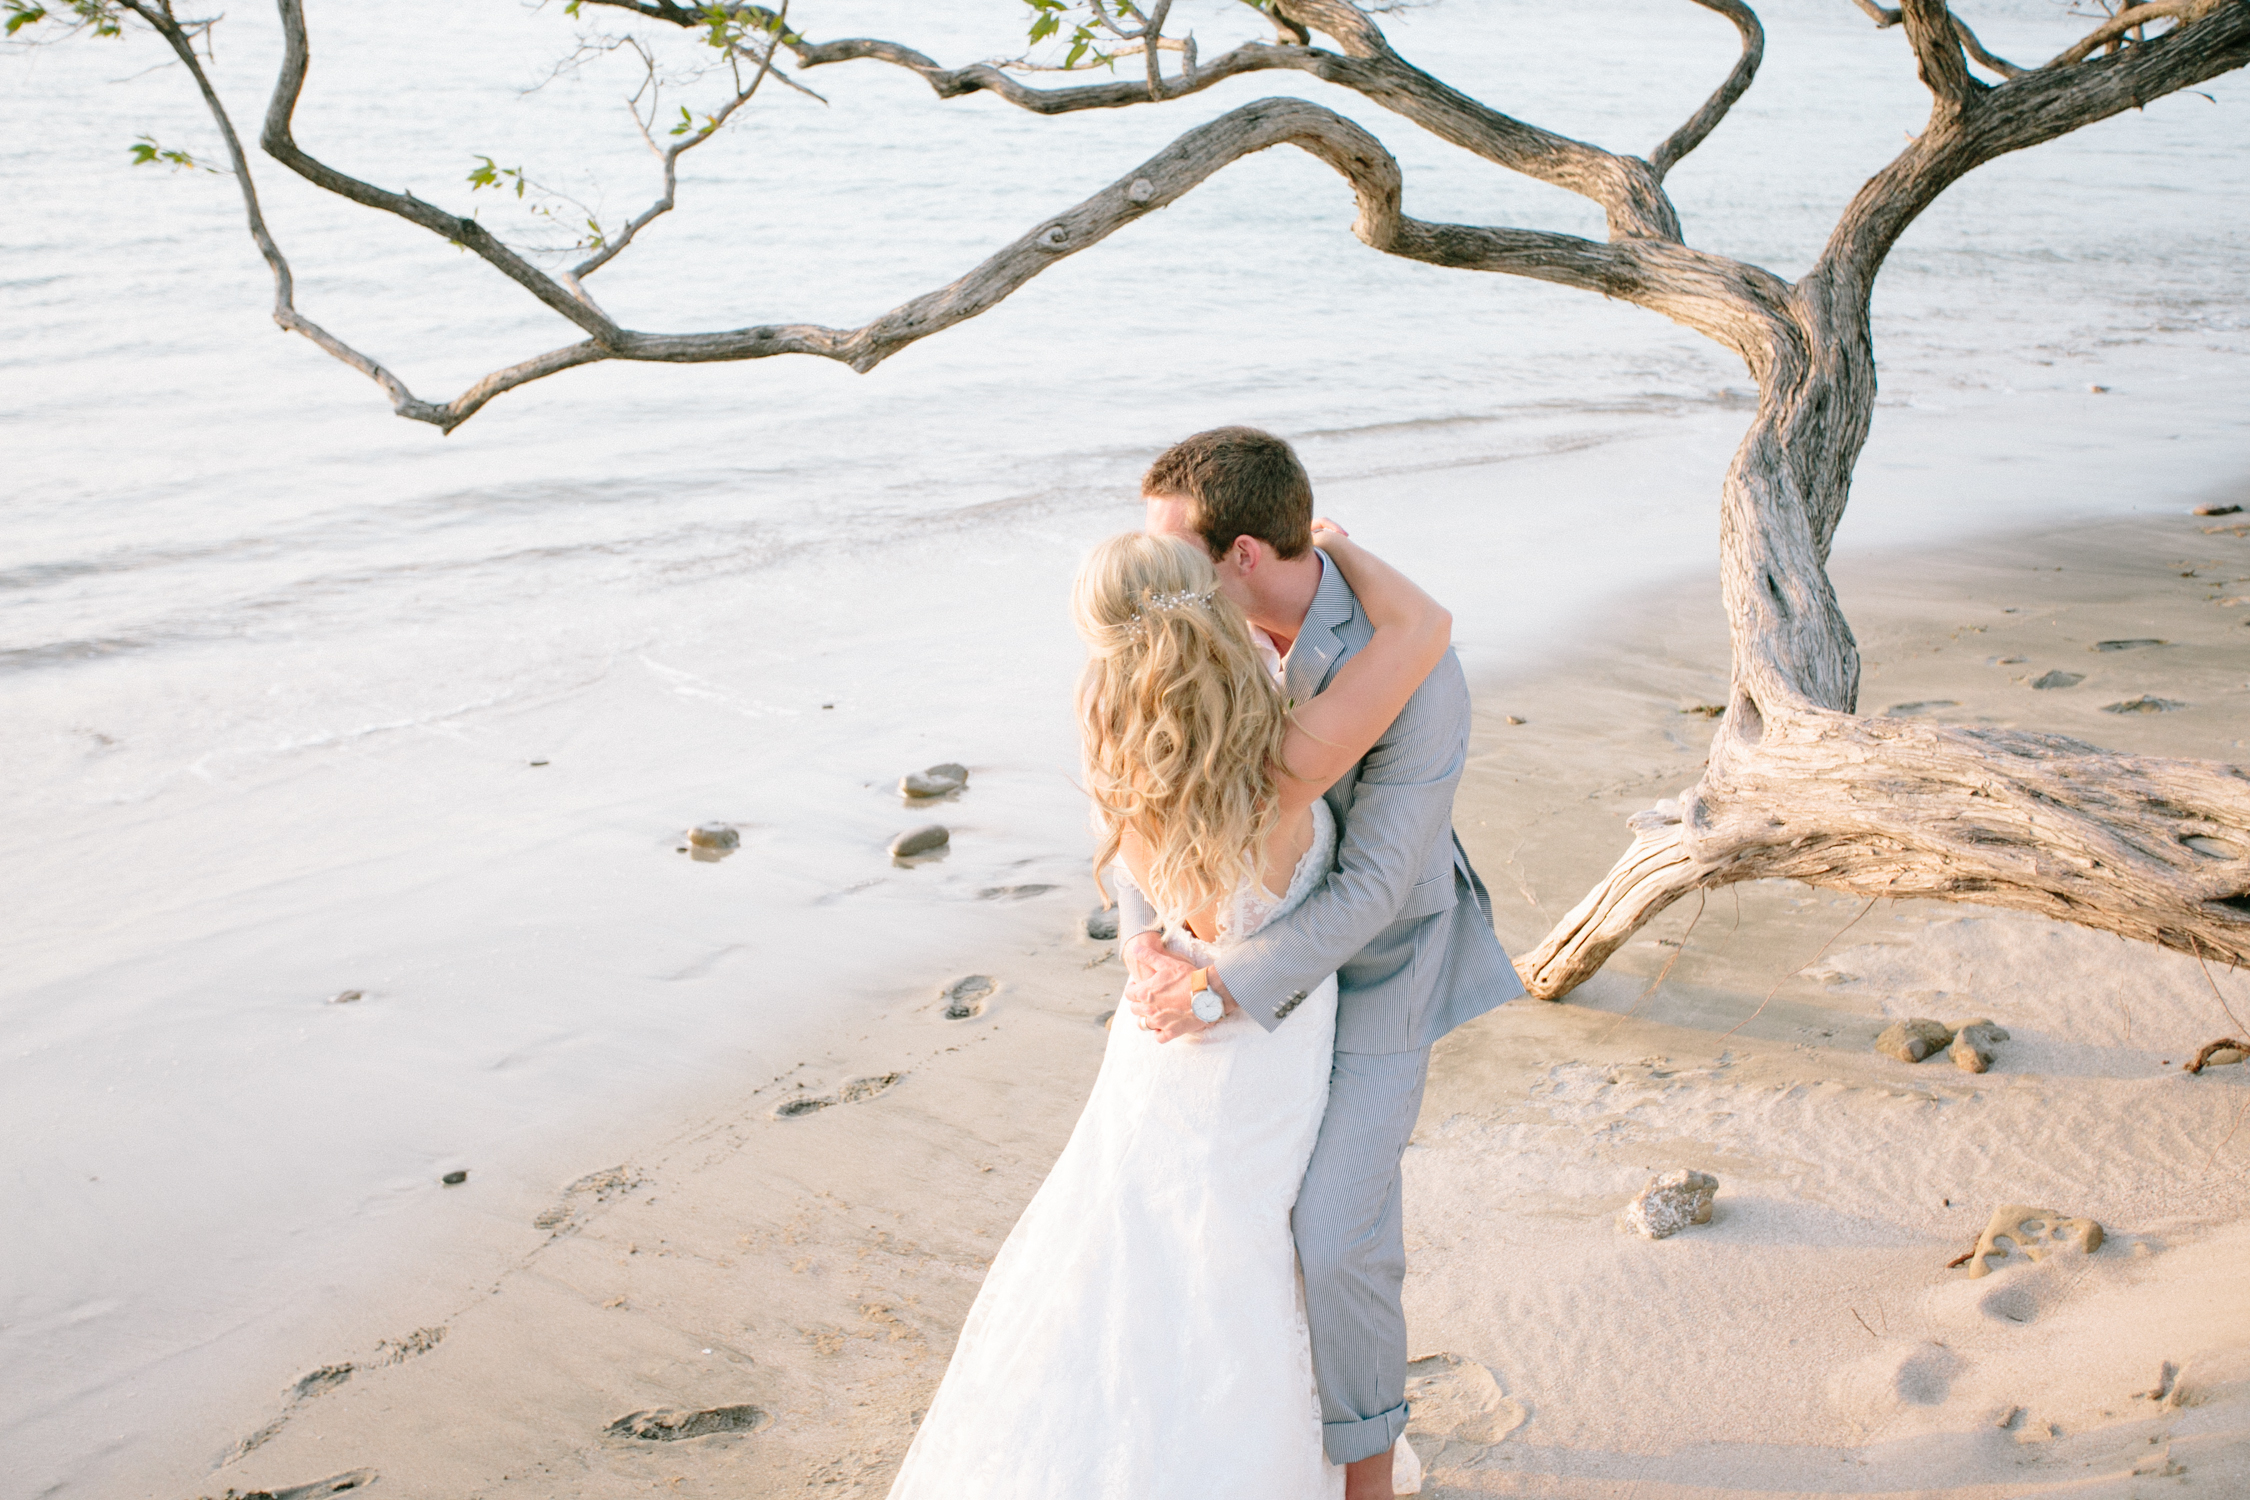 Costa Rica Dreams Las Mareas Wedding by Michelle Cross-29.jpg